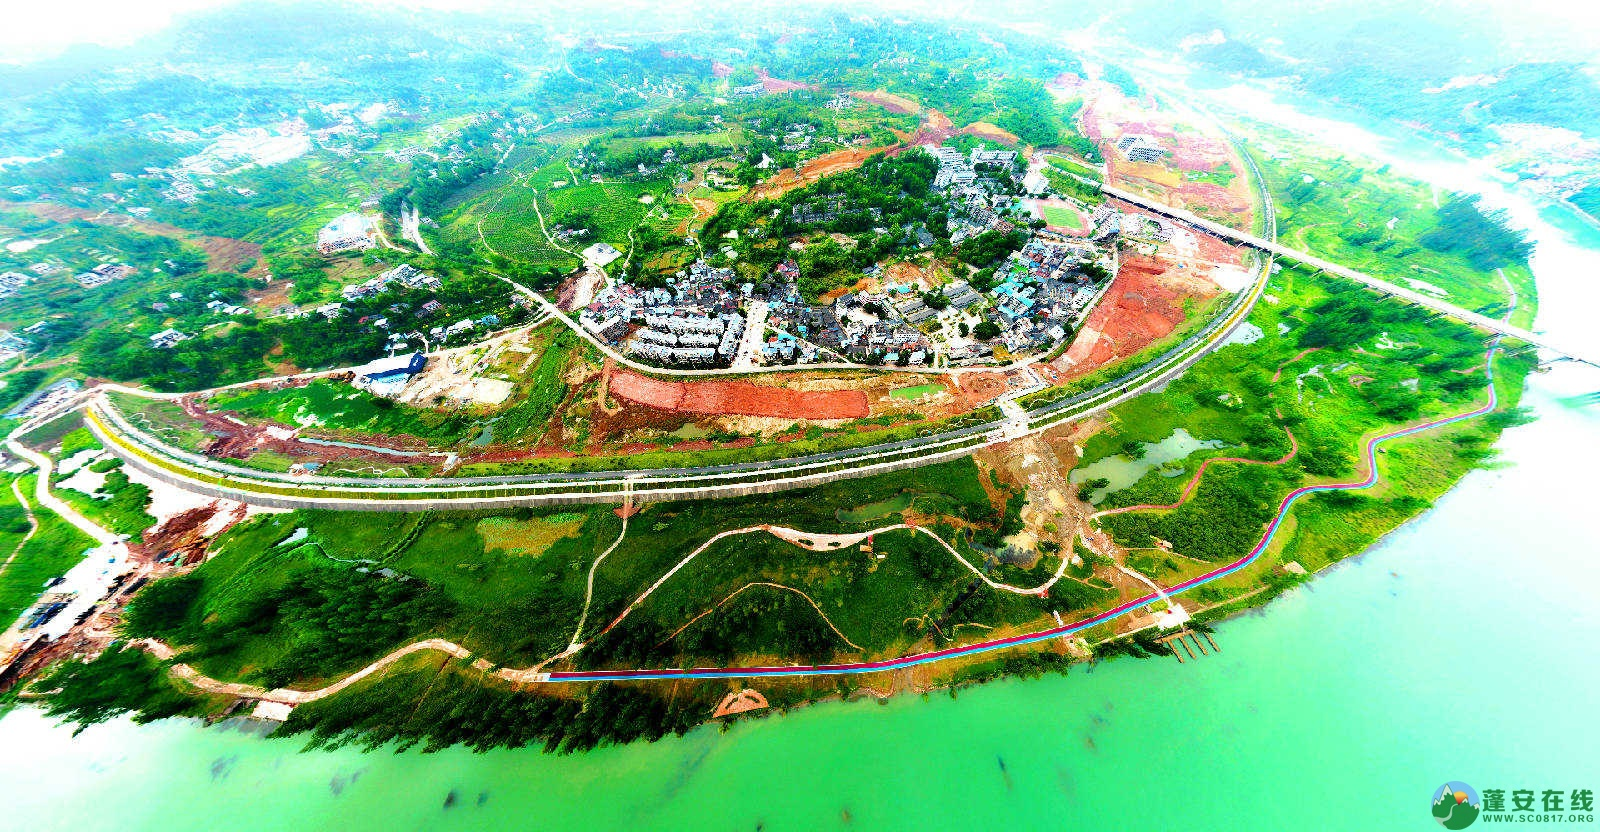 蓬安锦屏湿地公园双色跑道 - 第11张  | 蓬安在线